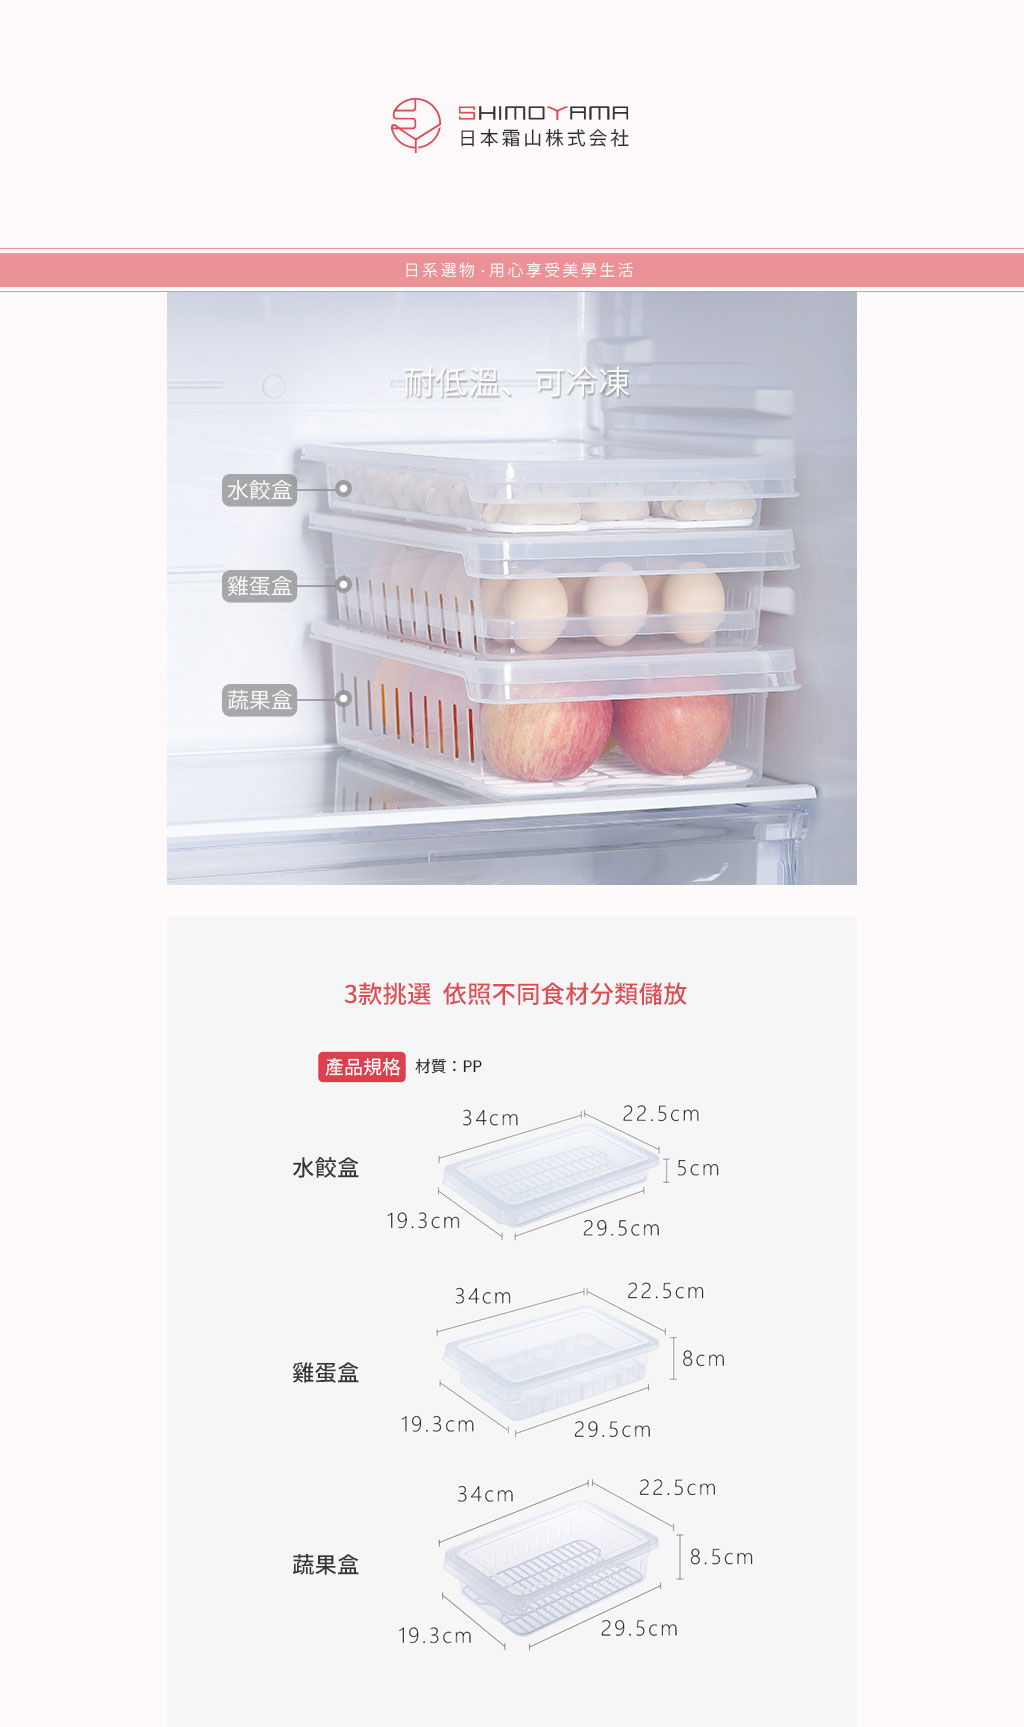 日本霜山 可疊式冰箱用 18格雞蛋透氣保鮮盒 3入